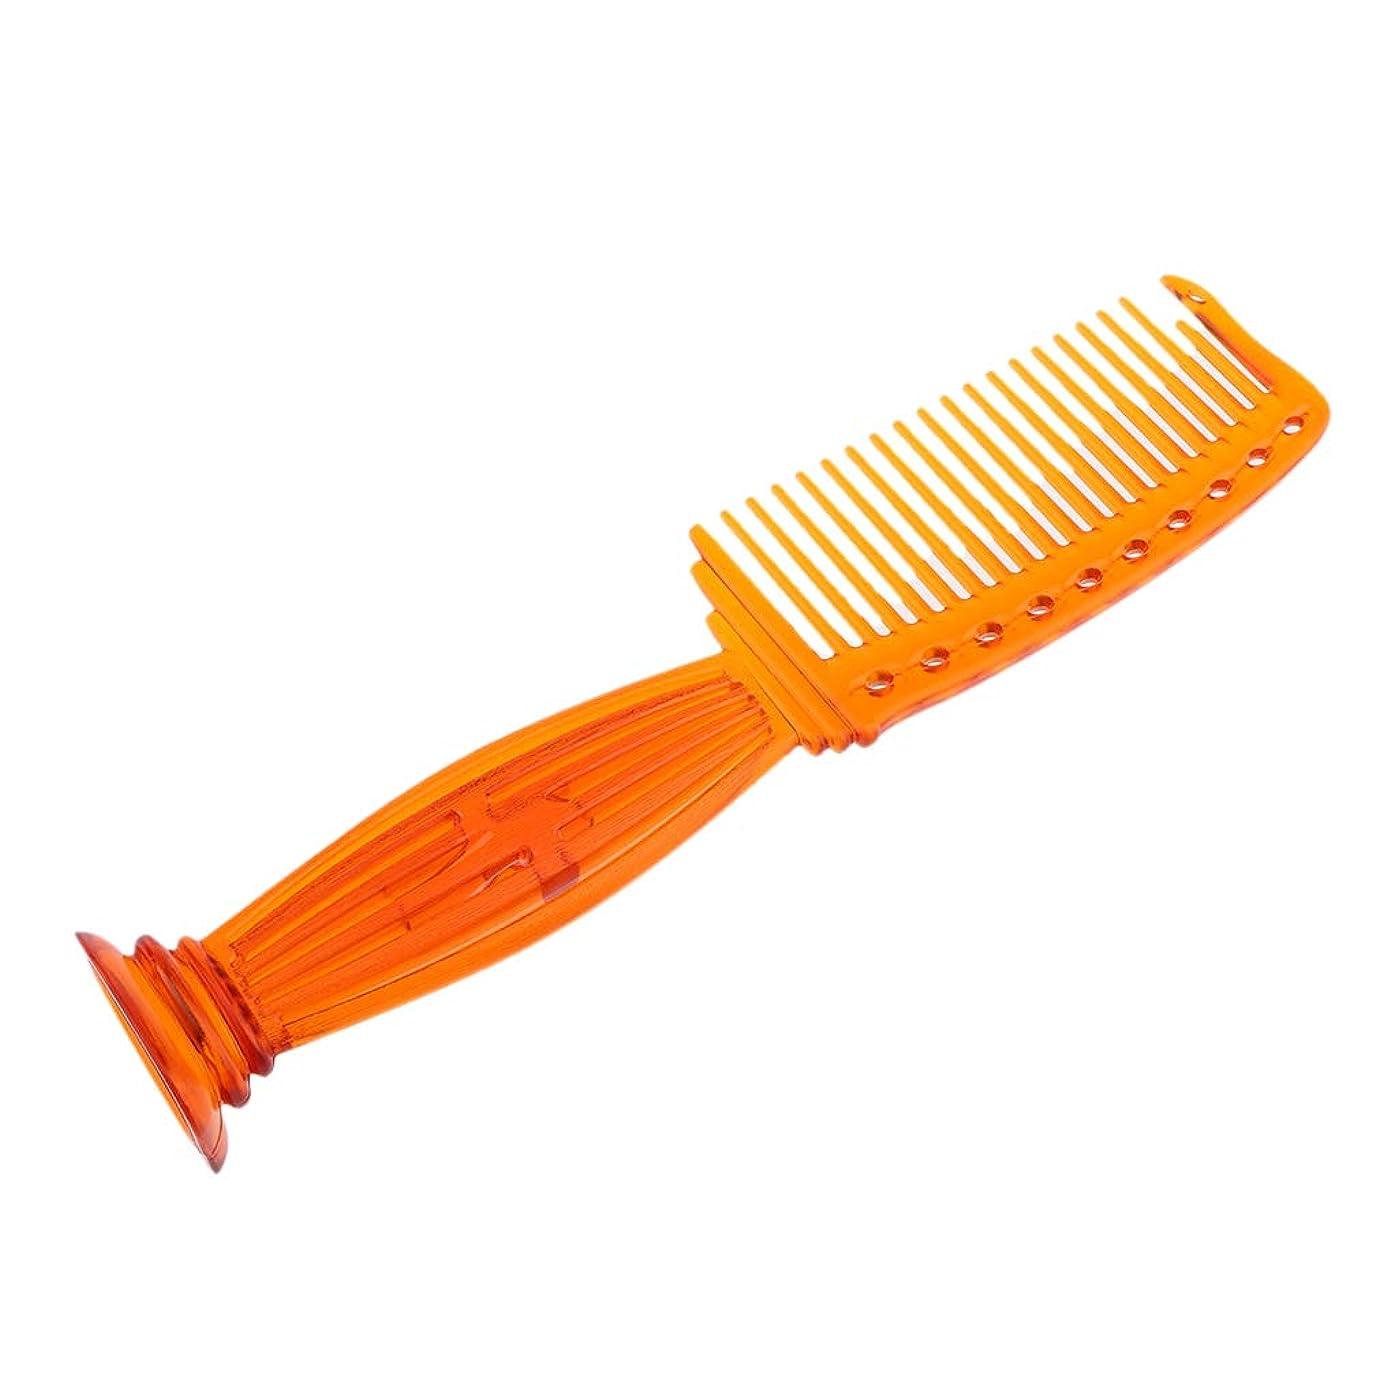 引き受ける恨み半島CUTICATE ヘアコーム ヘアブラシ プラスチック櫛 ワイド歯 プロ ヘアサロン 理髪師 全5色選べ - オレンジ